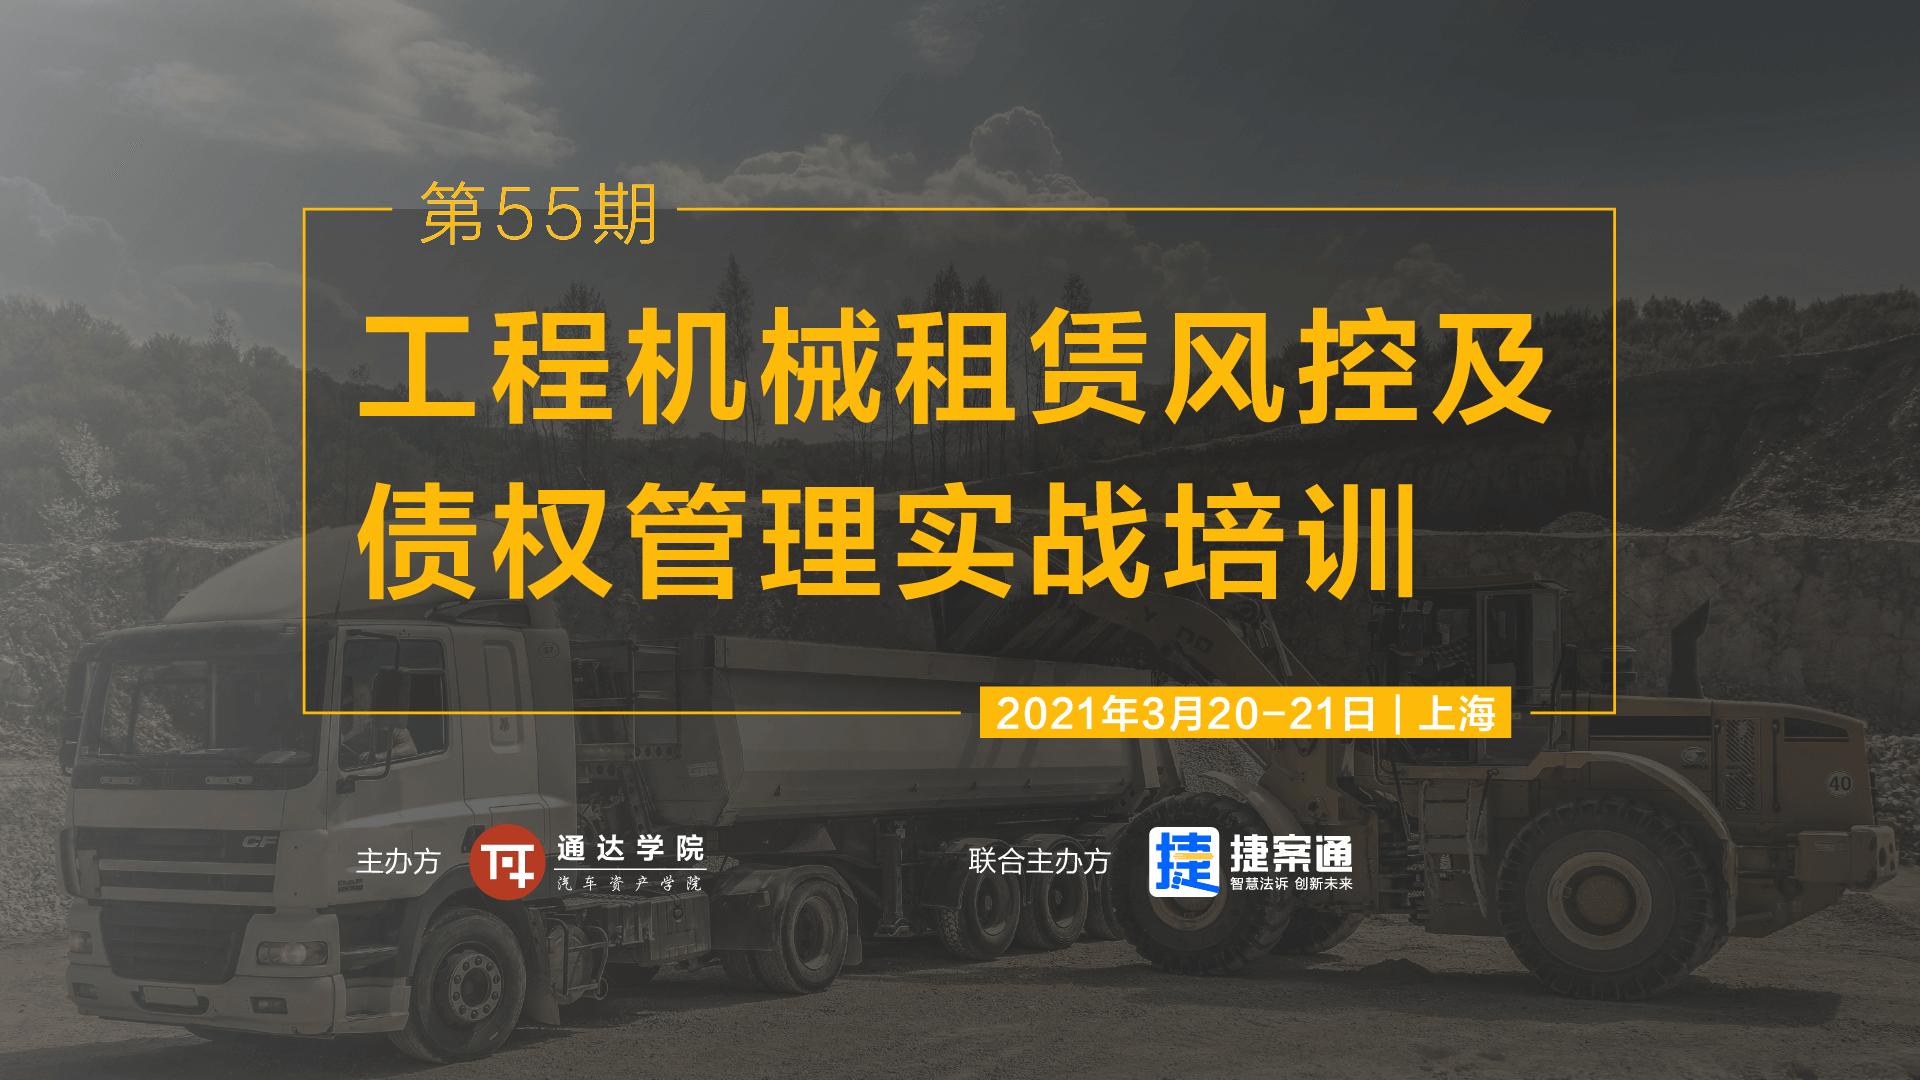 工程机械租赁风控及债权管理实战培训2021年3月上海培训班